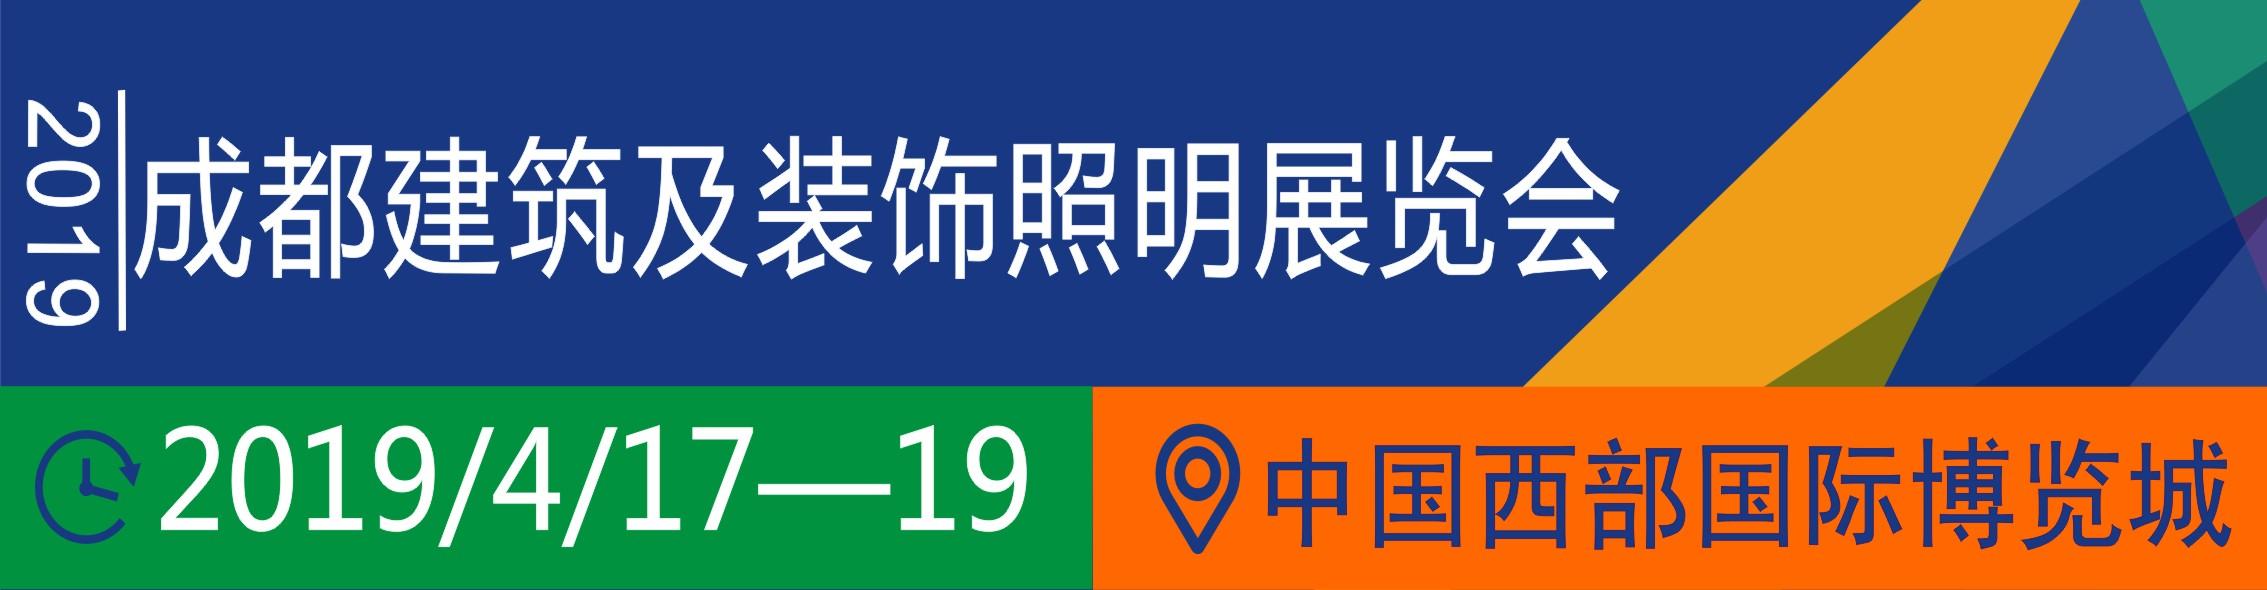 2019成都建筑及装饰照明展览会